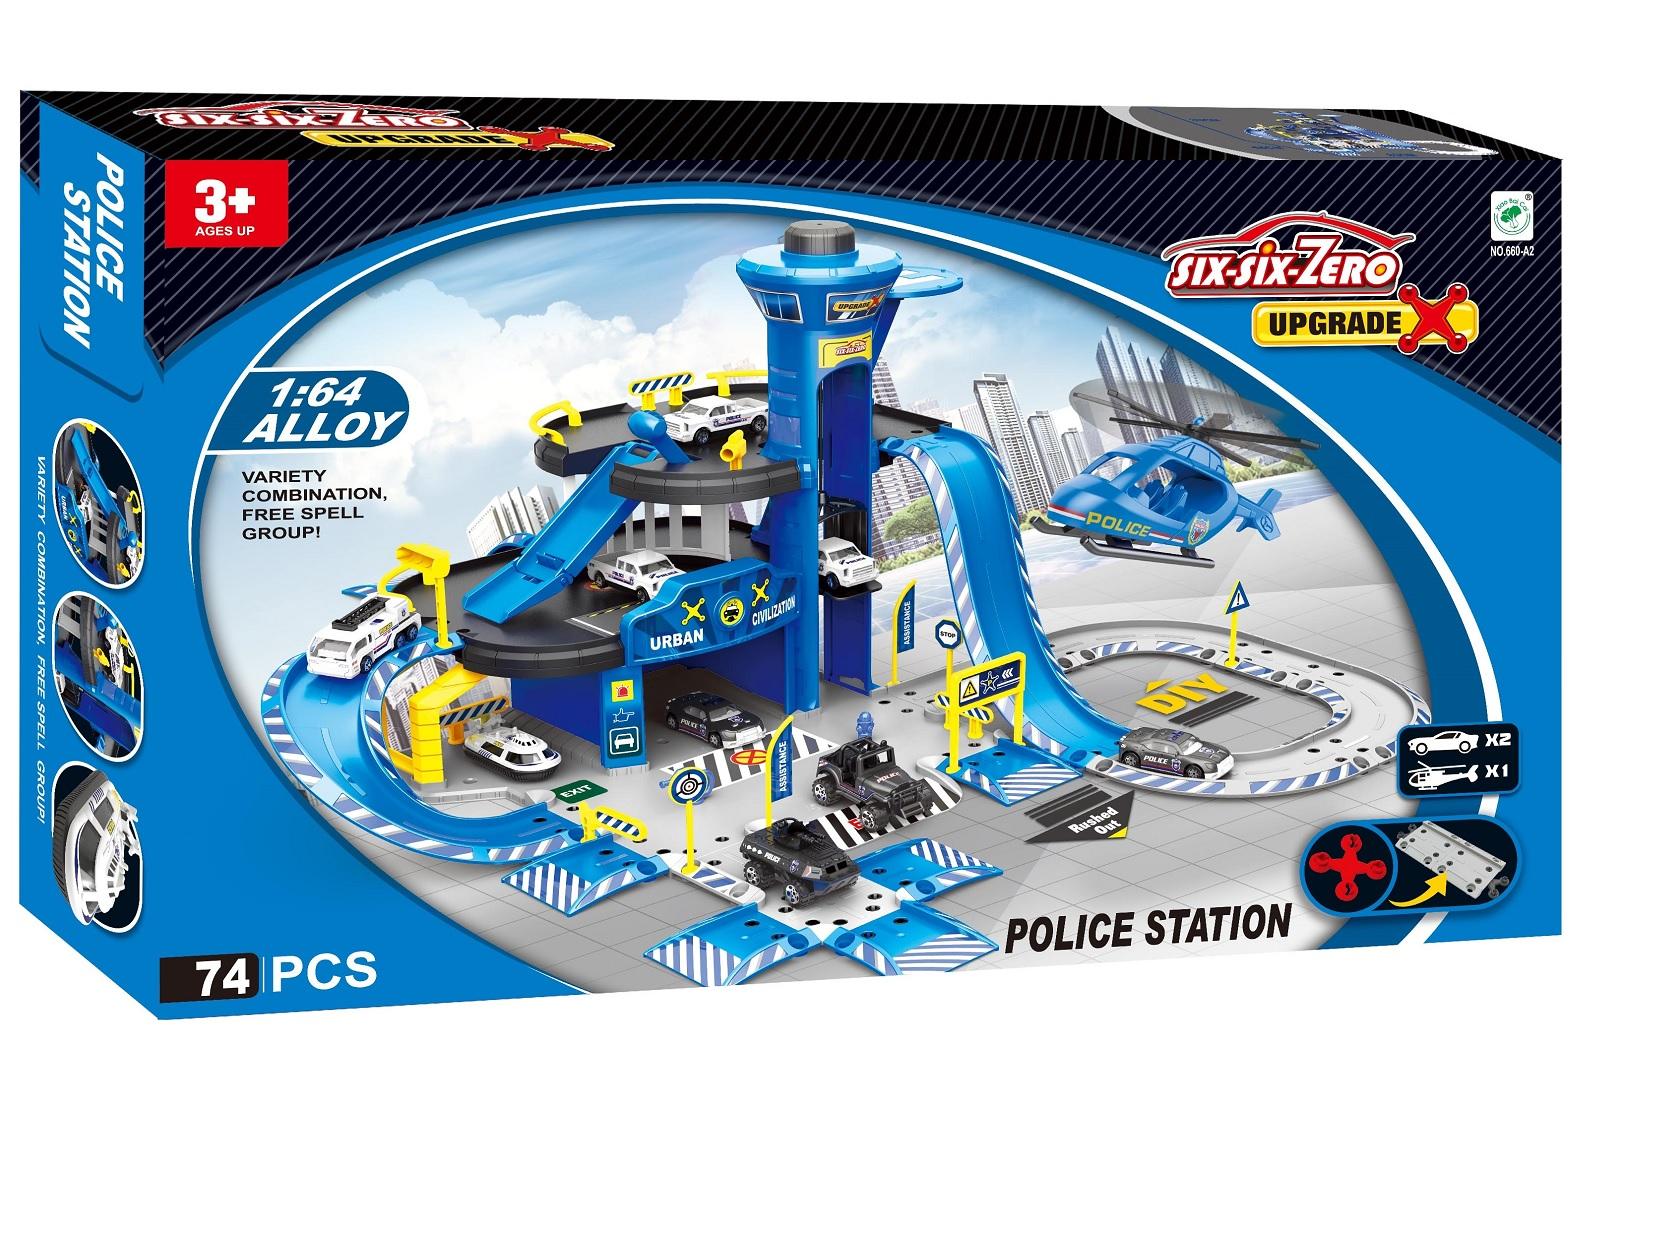 Doris parkoviště s garáží a vrtulníkem modré